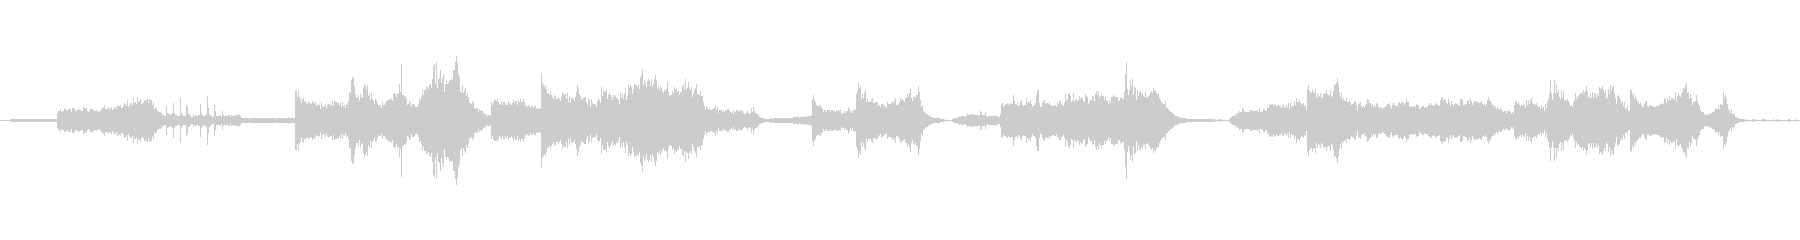 サウンドトラック的多様性と多彩な音色の渦の未再生の波形